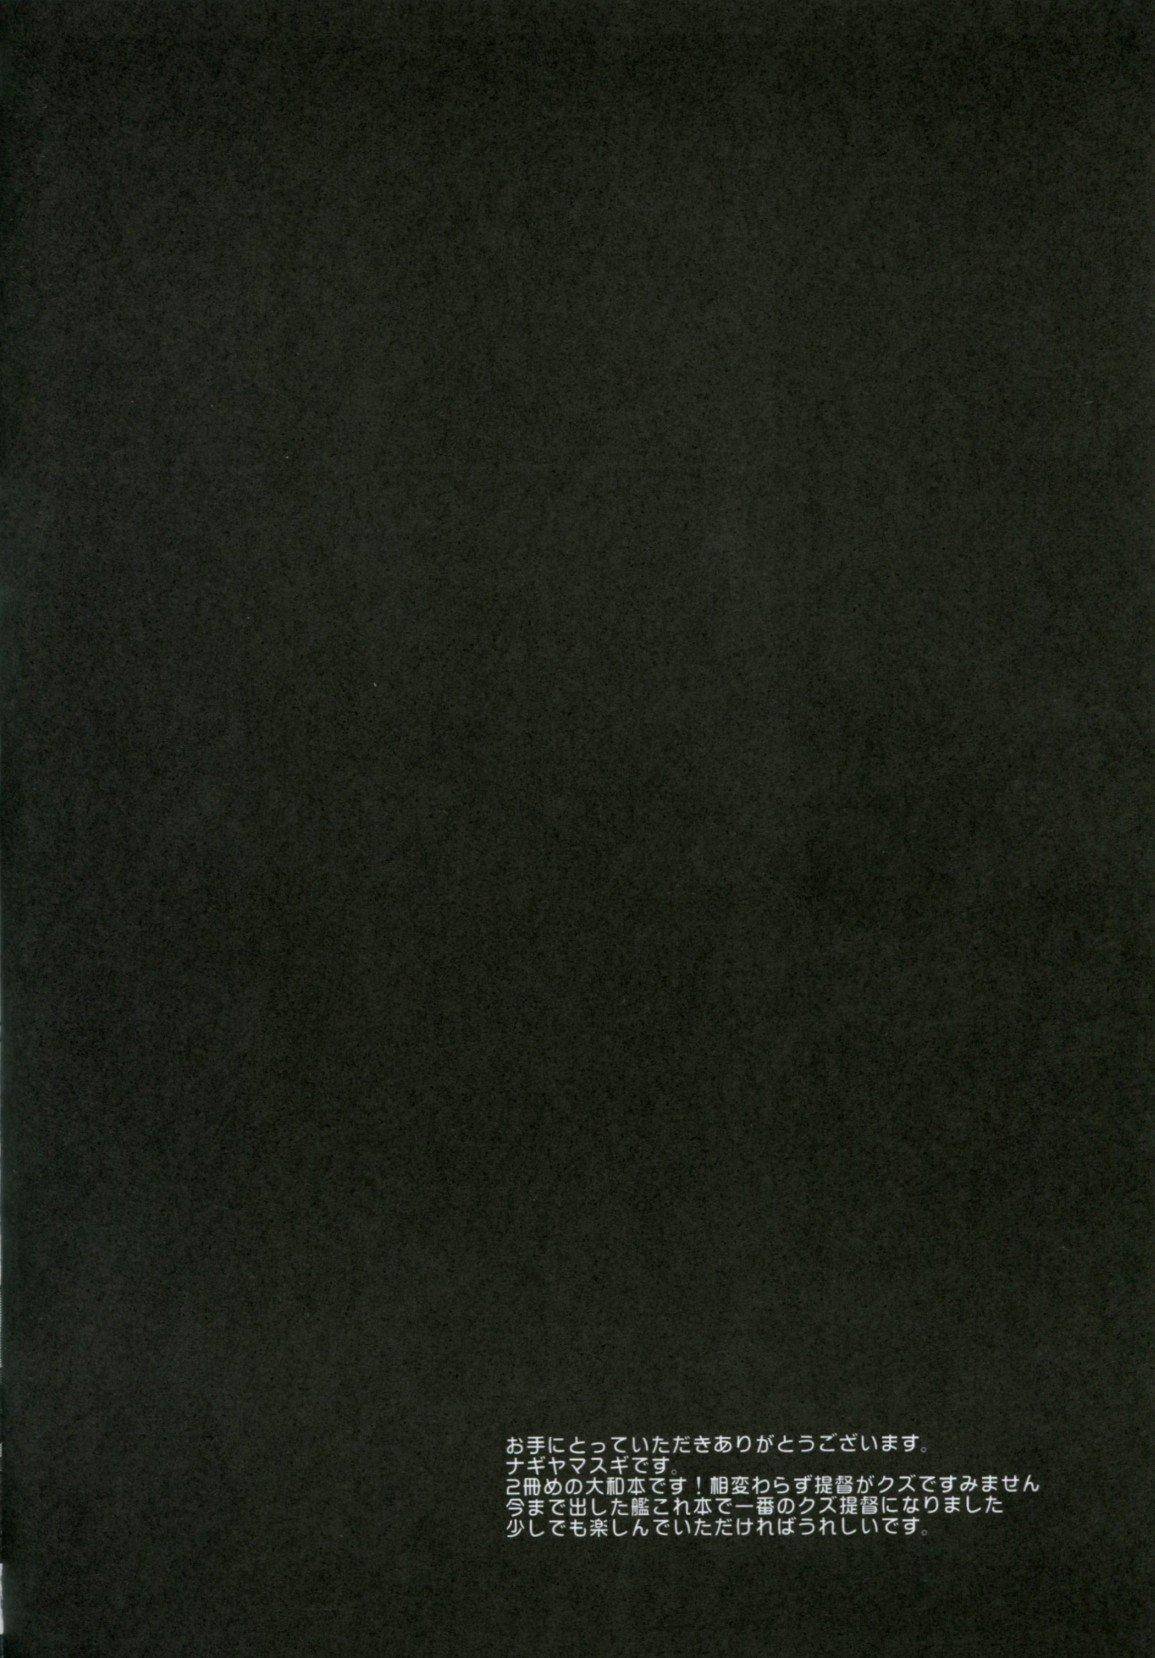 【艦これ エロ漫画・エロ同人】性奴隷秘書艦の大和が提督にアナルファックされたり他の提督たちと3Pセックスさせられてる件w